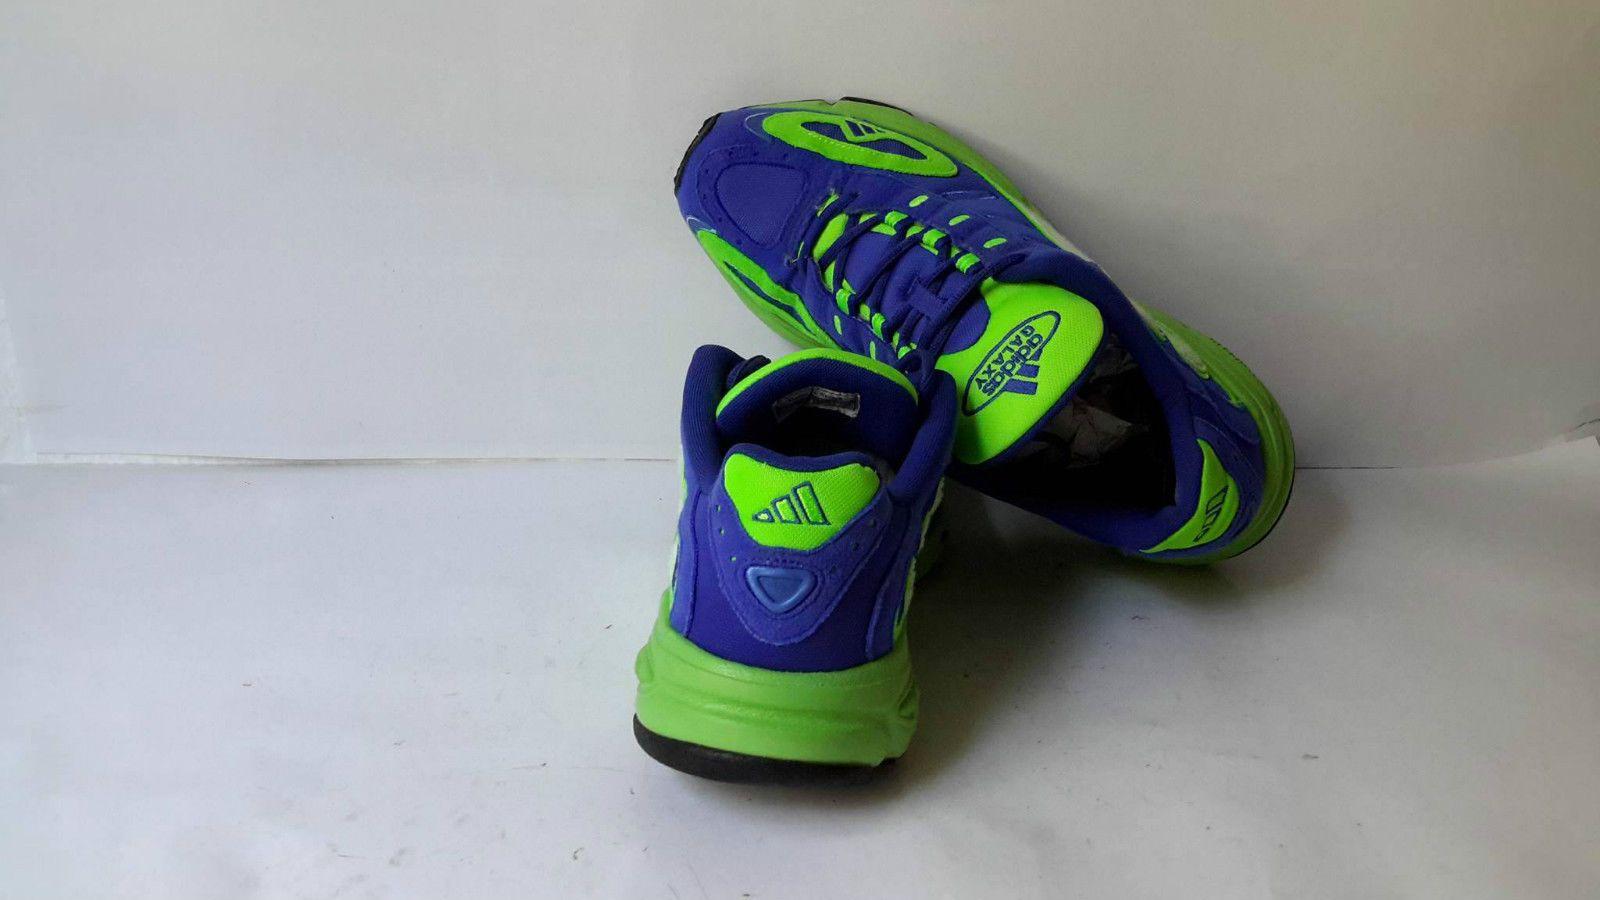 best value cheap for sale uk cheap sale Adidas Galaxy Vintage Schuh Sneaker Herren grün blau jahr ...